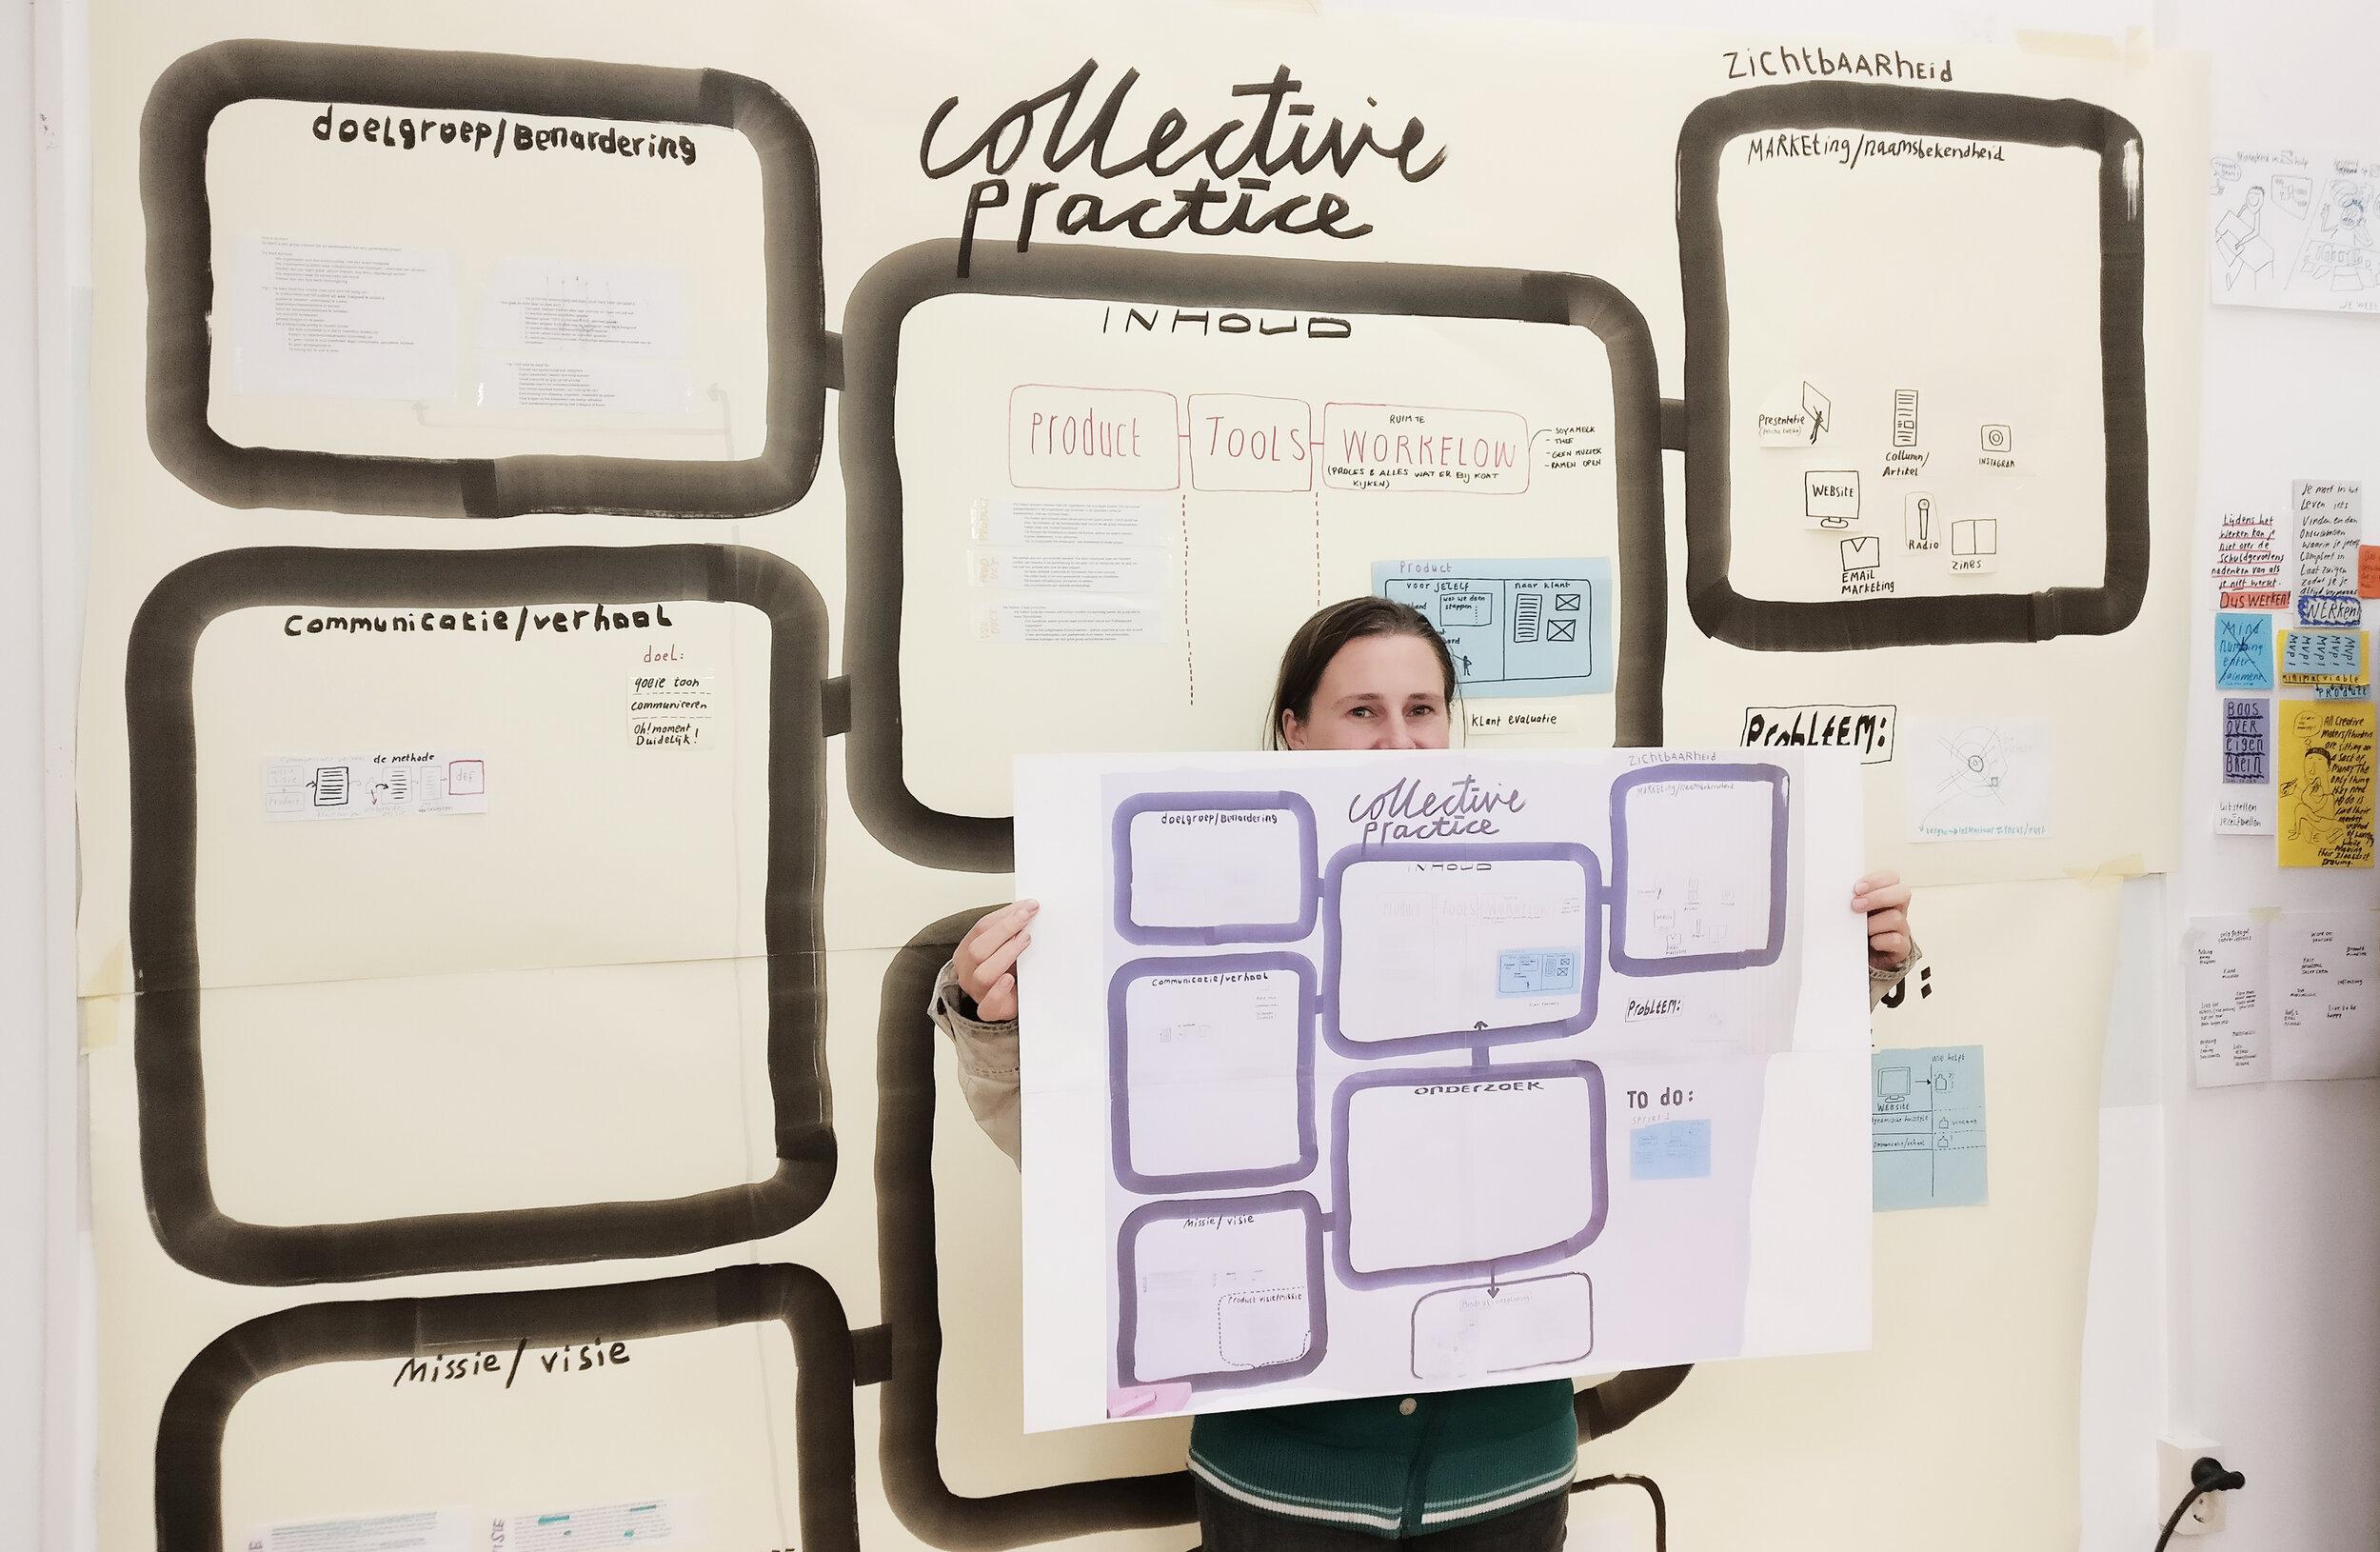 Je leert zelf methodes ontwerpen, hierop te reflecteren, ze te verbeteren. En zo je proces te stroomlijnen en je werkprocessen te optimaliseren. -